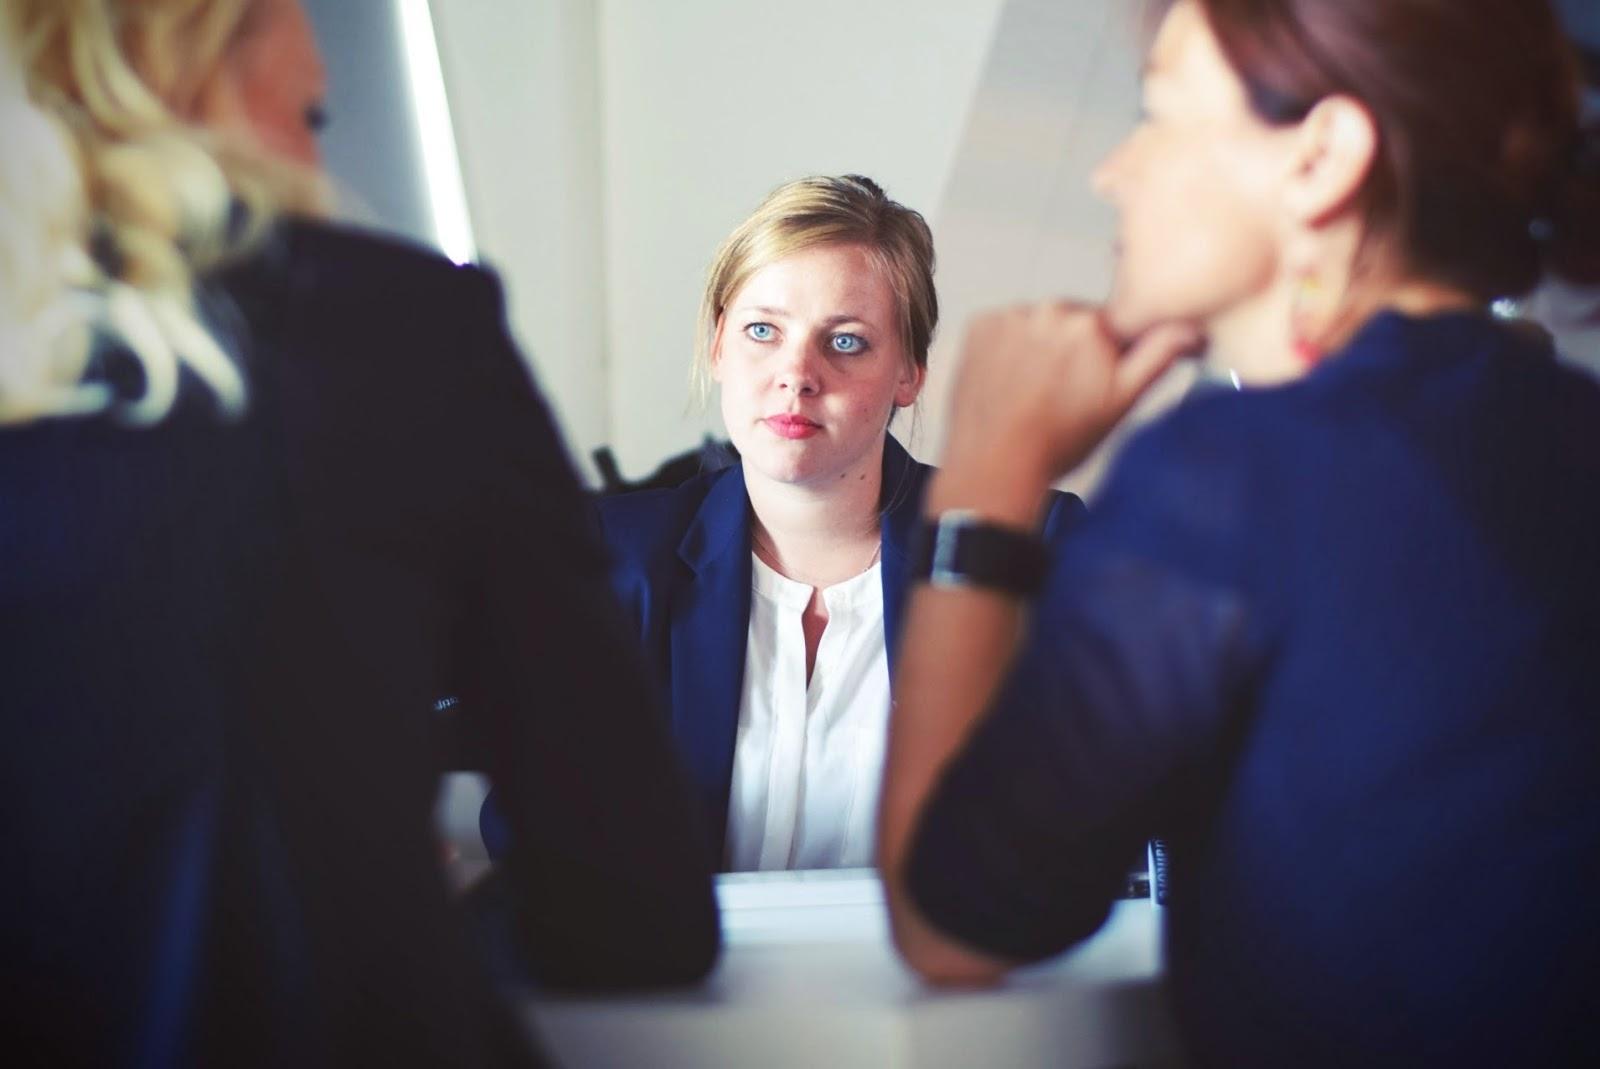 Thuê freelancer là giải pháp vấn đề thiếu hụt nhân sự